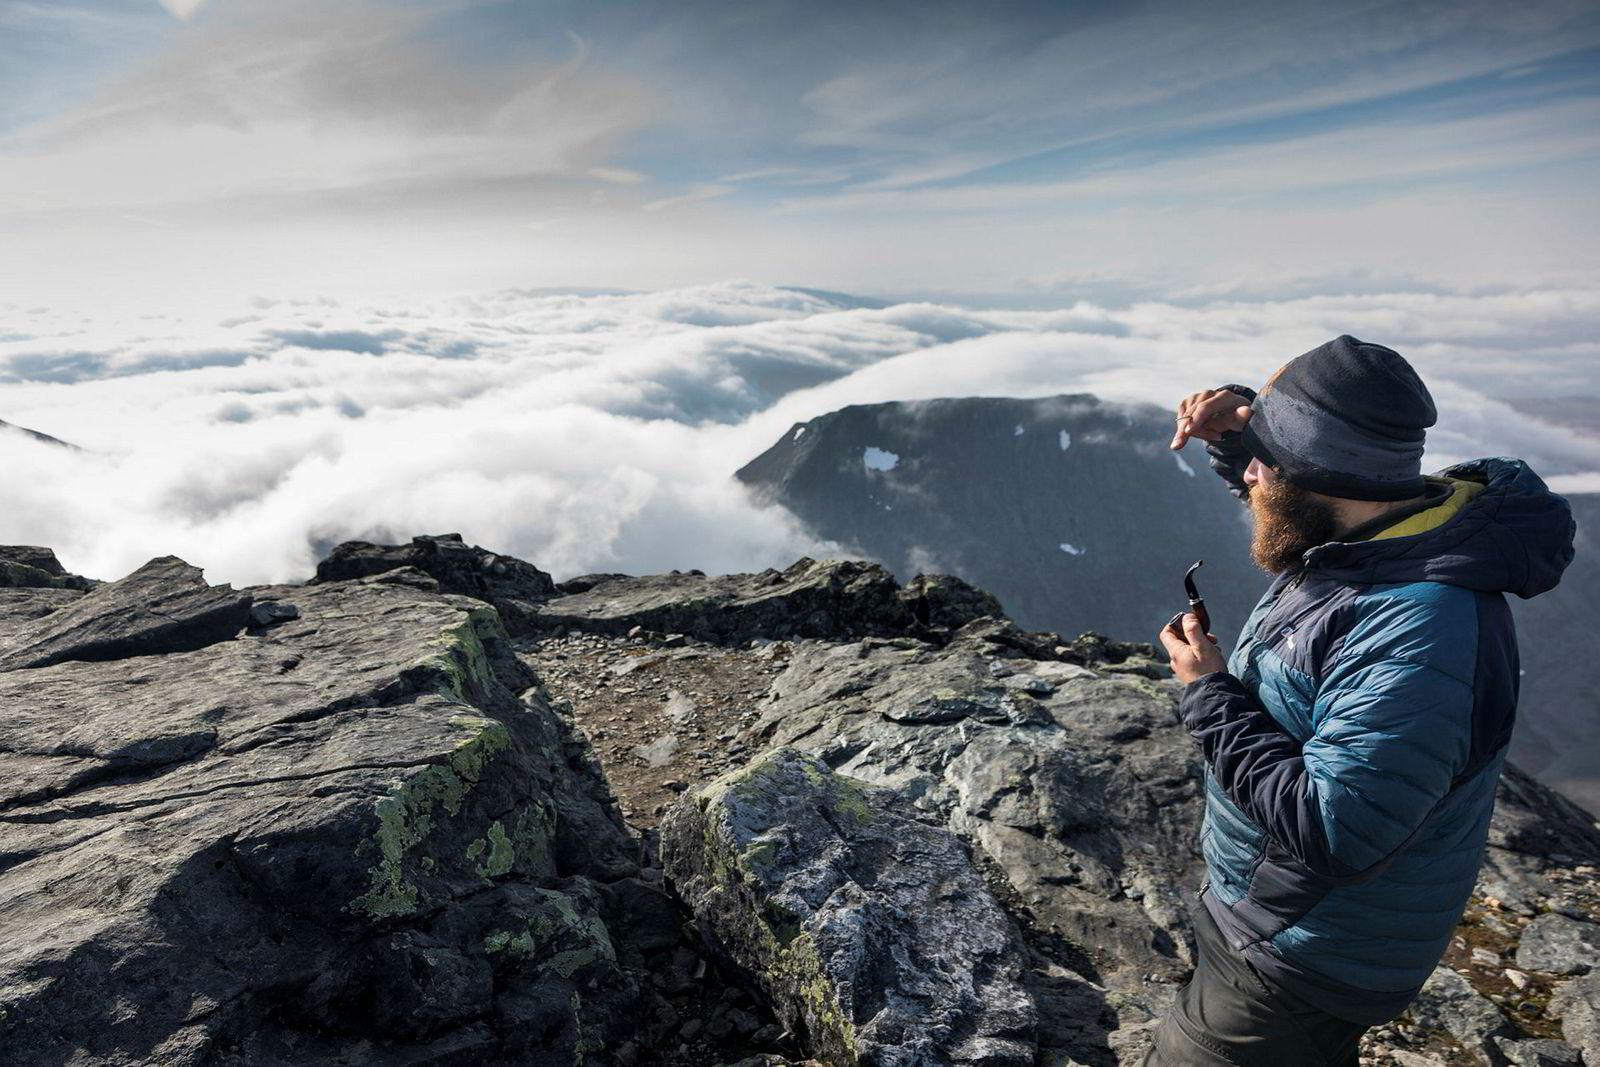 Etter å ha gått østover mot svenskegrensen skal turen videre nordover gjennom Nord-Trøndelag. Hvor langt de kommer før snøen laver ned er et helt åpent spørsmål. Helstrup nyter pipetobakken på toppen av Storsylen.